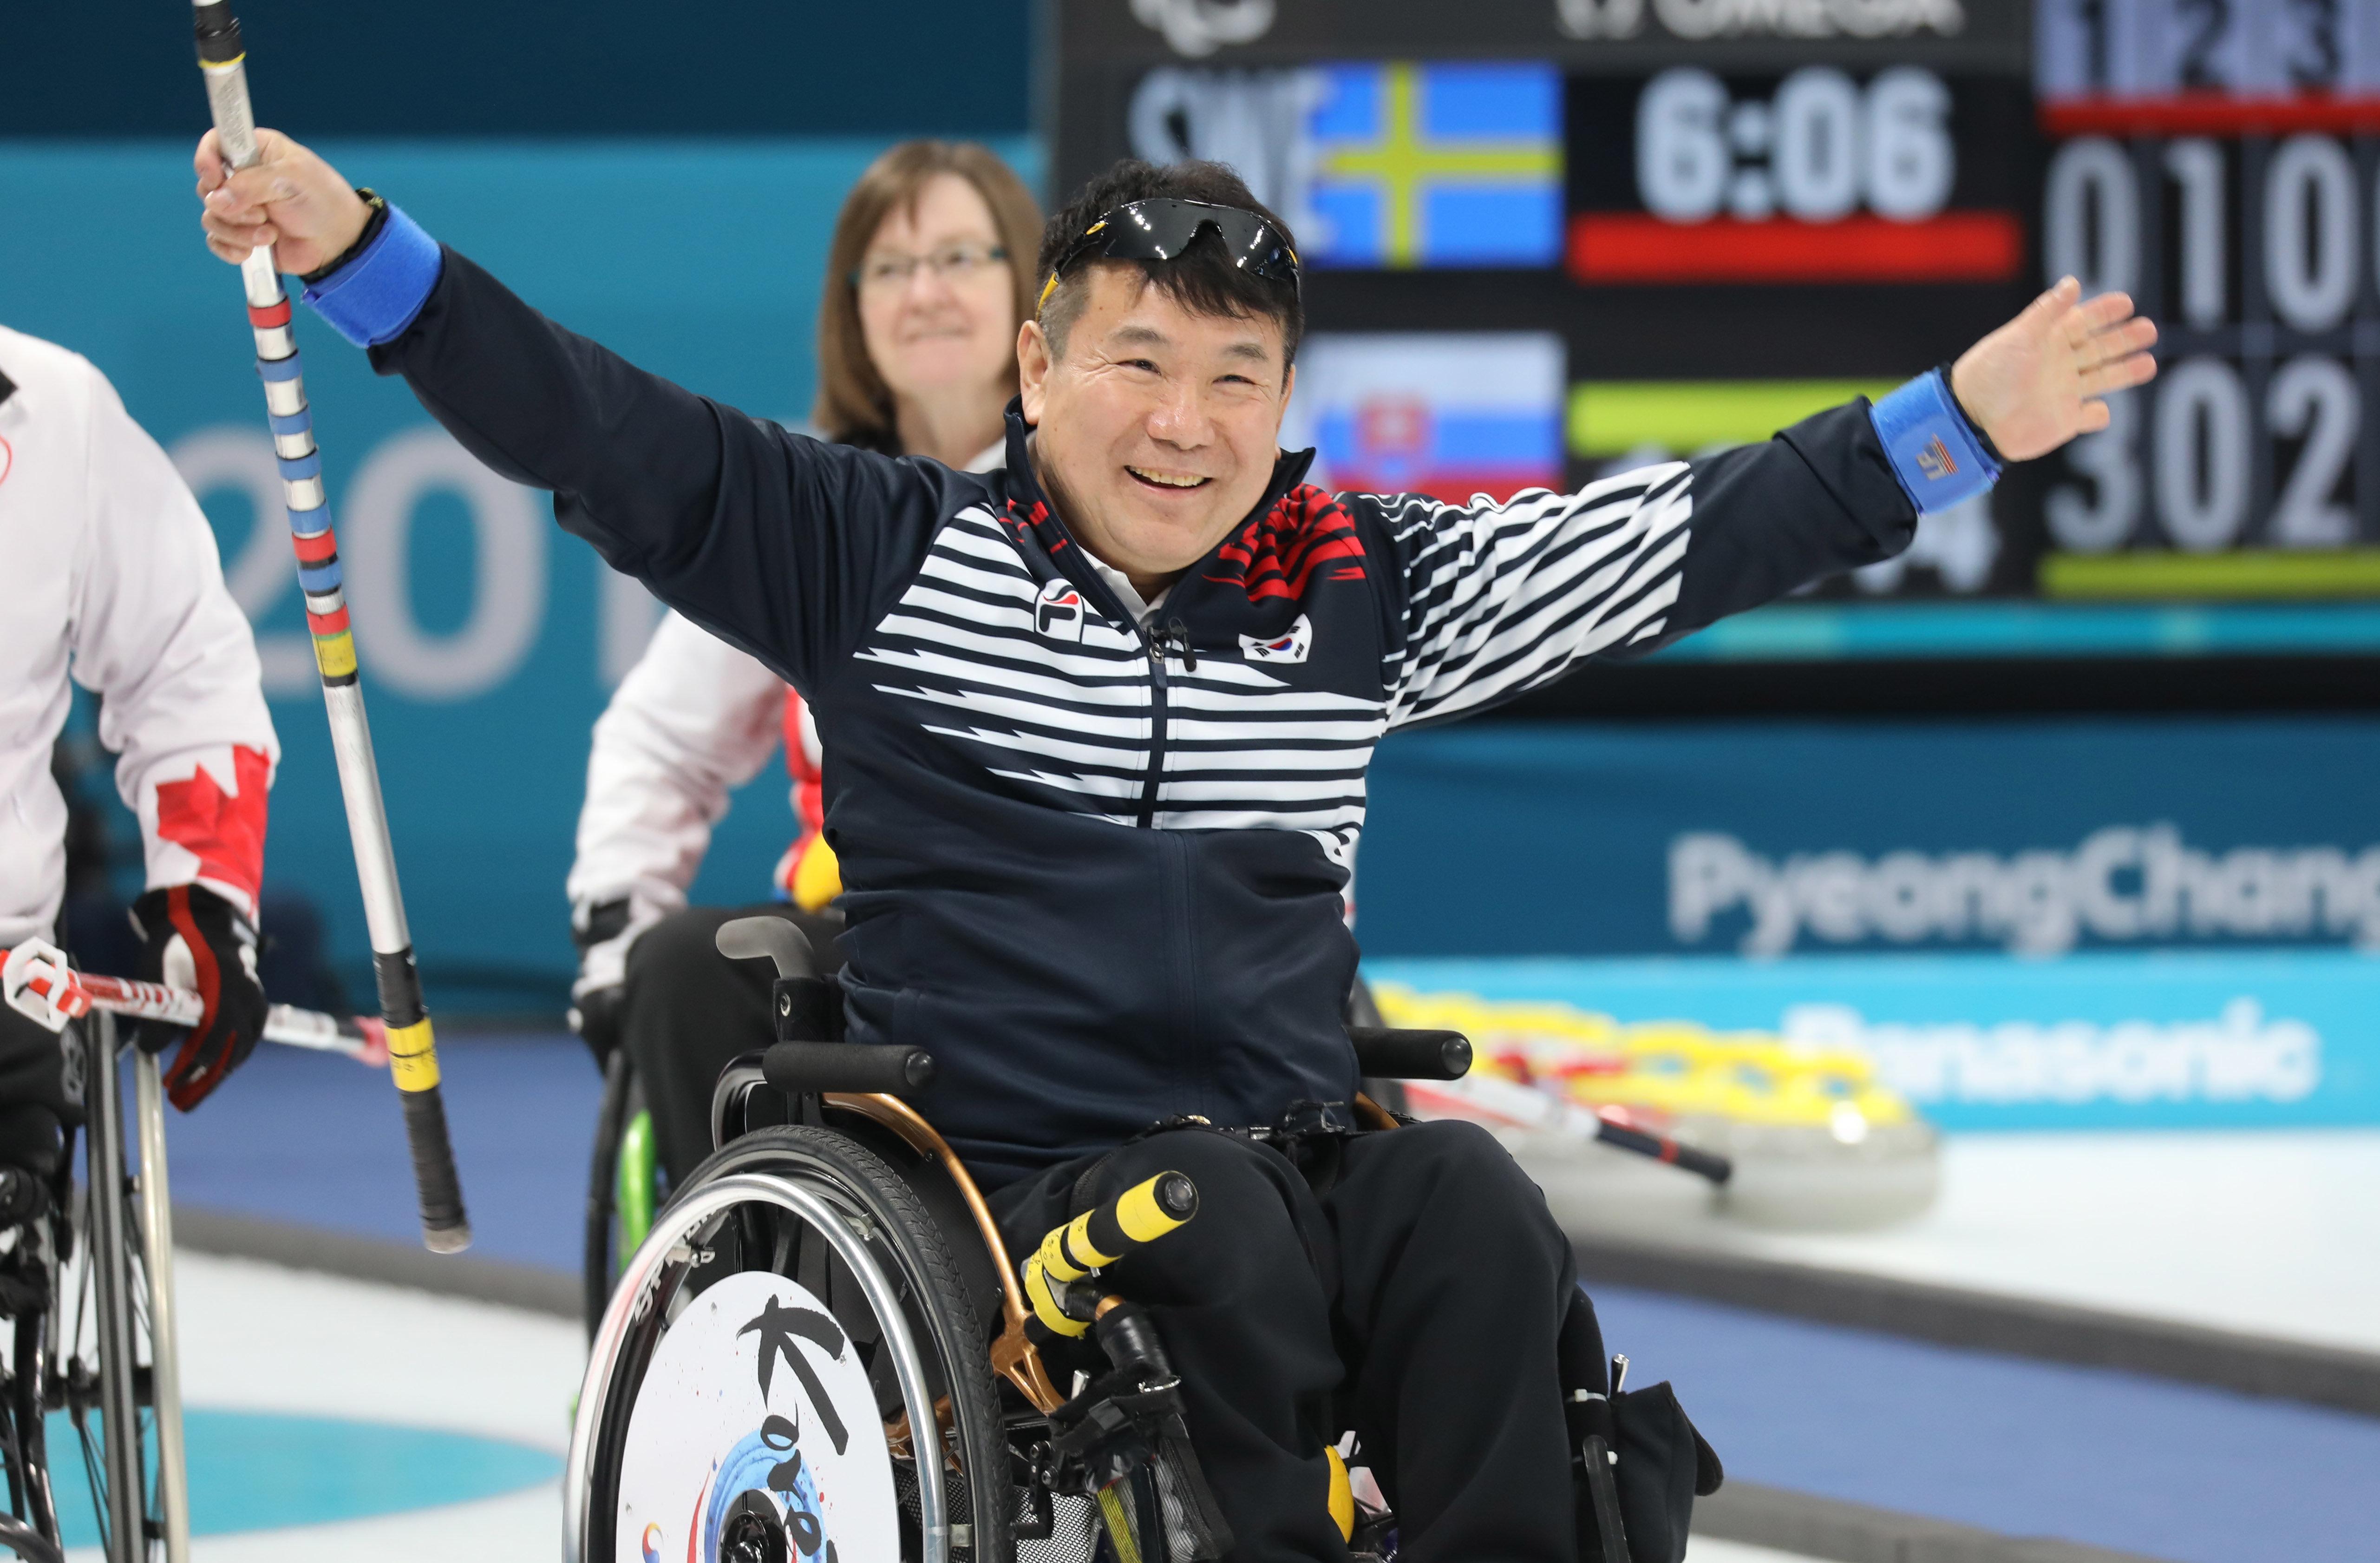 휠체어컬링 한국 대표팀이 '디펜딩 챔피언'마저